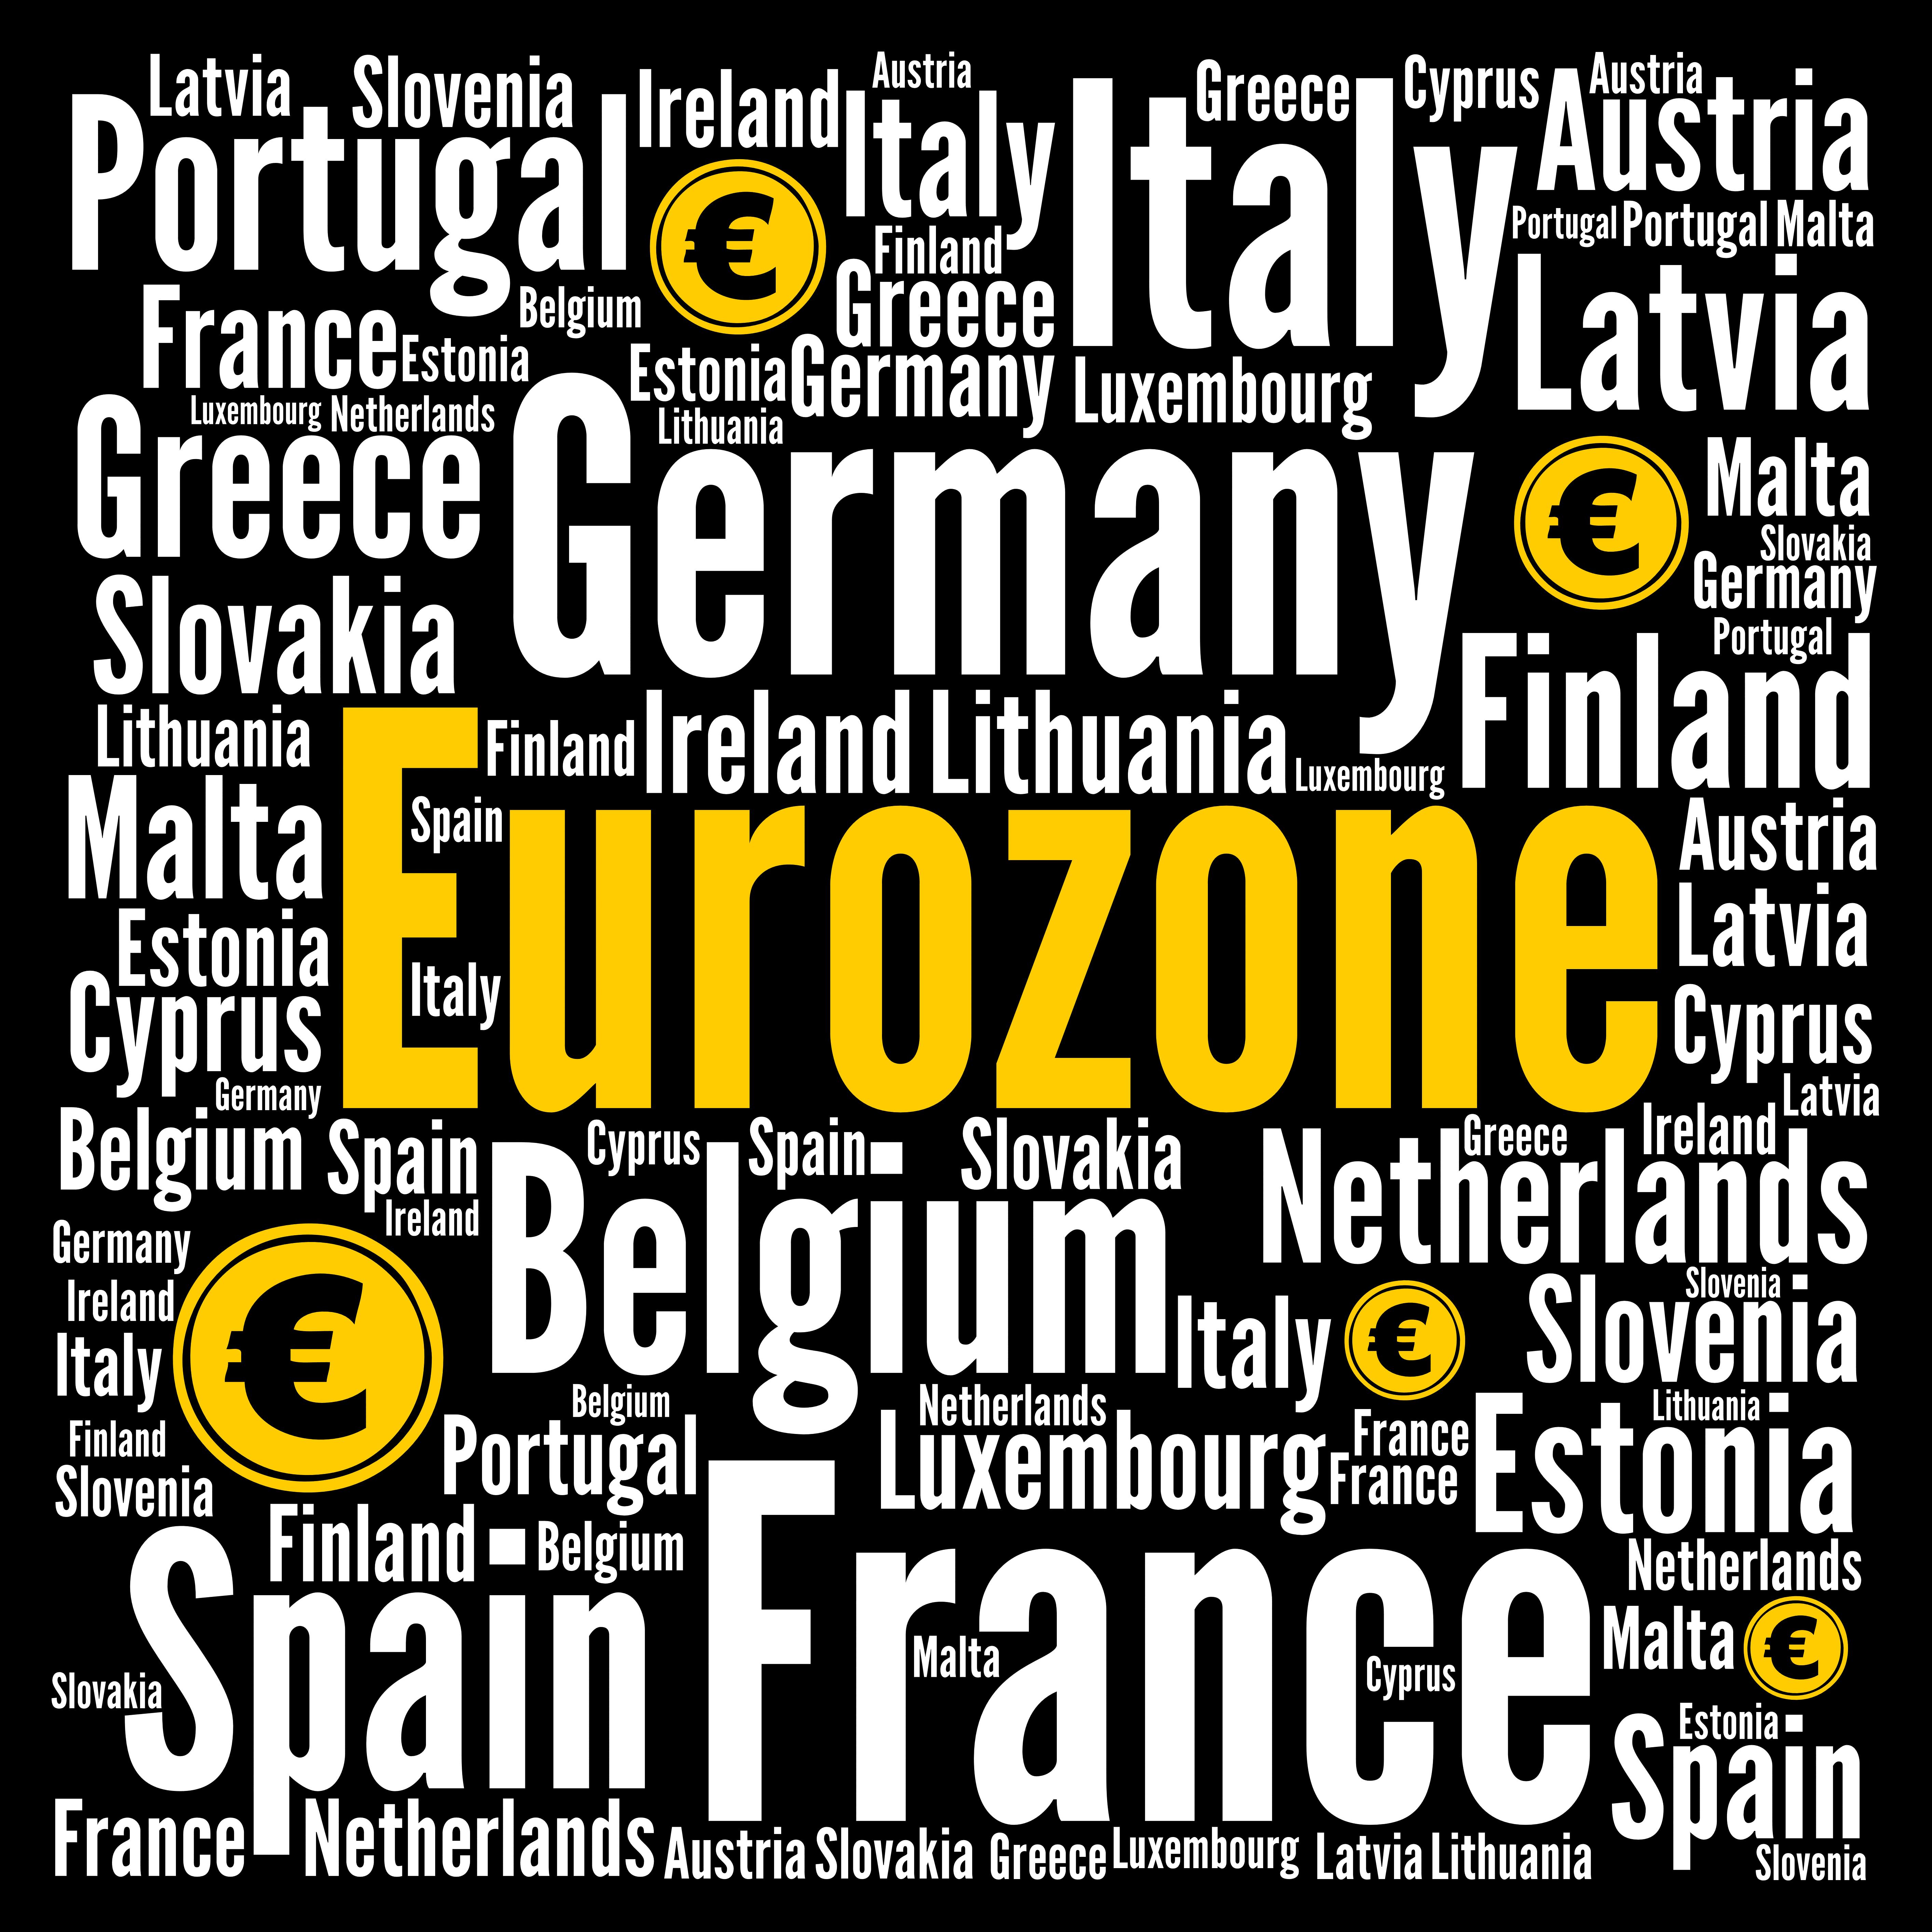 FT: България е основен кандидат за еврозоната, но има пречка